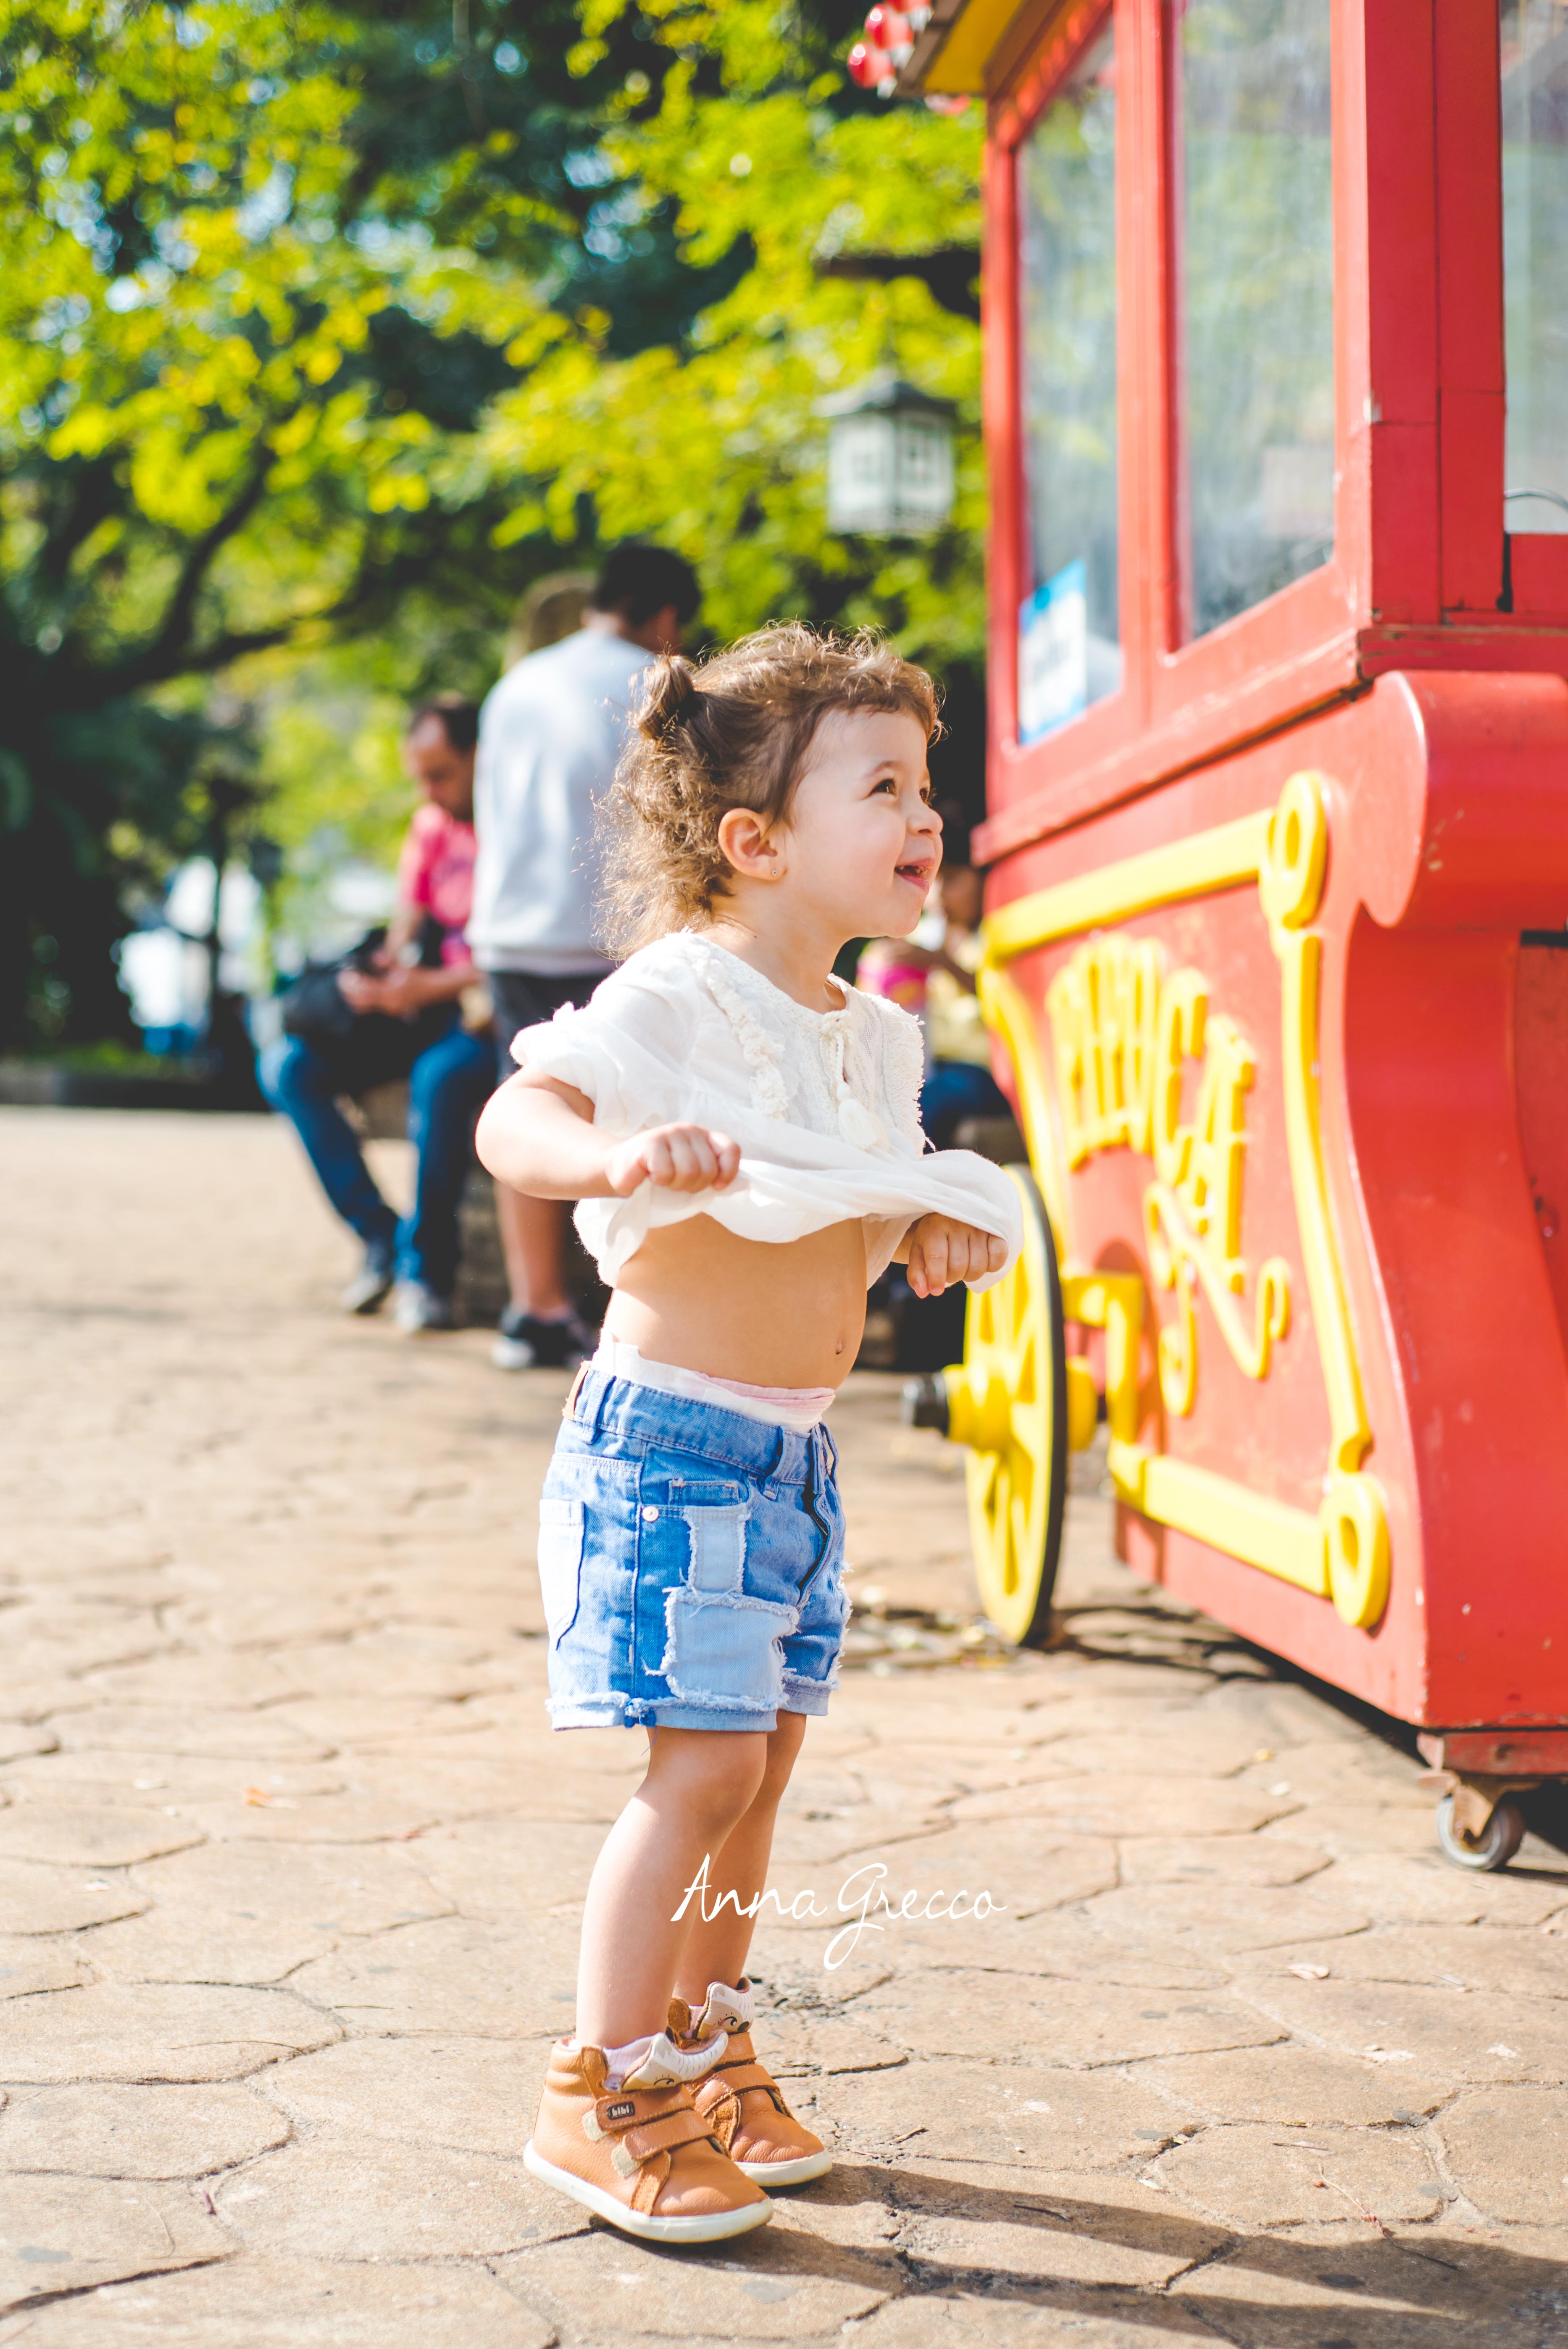 HopiHari www.annagrecco.com.br fotos no parque acompanhamento 3 anos - ensaio fotográfico - Campinas Valinhos Vinhedo Louveira Jundiai Paulinia São Paulo SP Indaituba Jaguariuna - Book bebê crianças - Anna Grecco